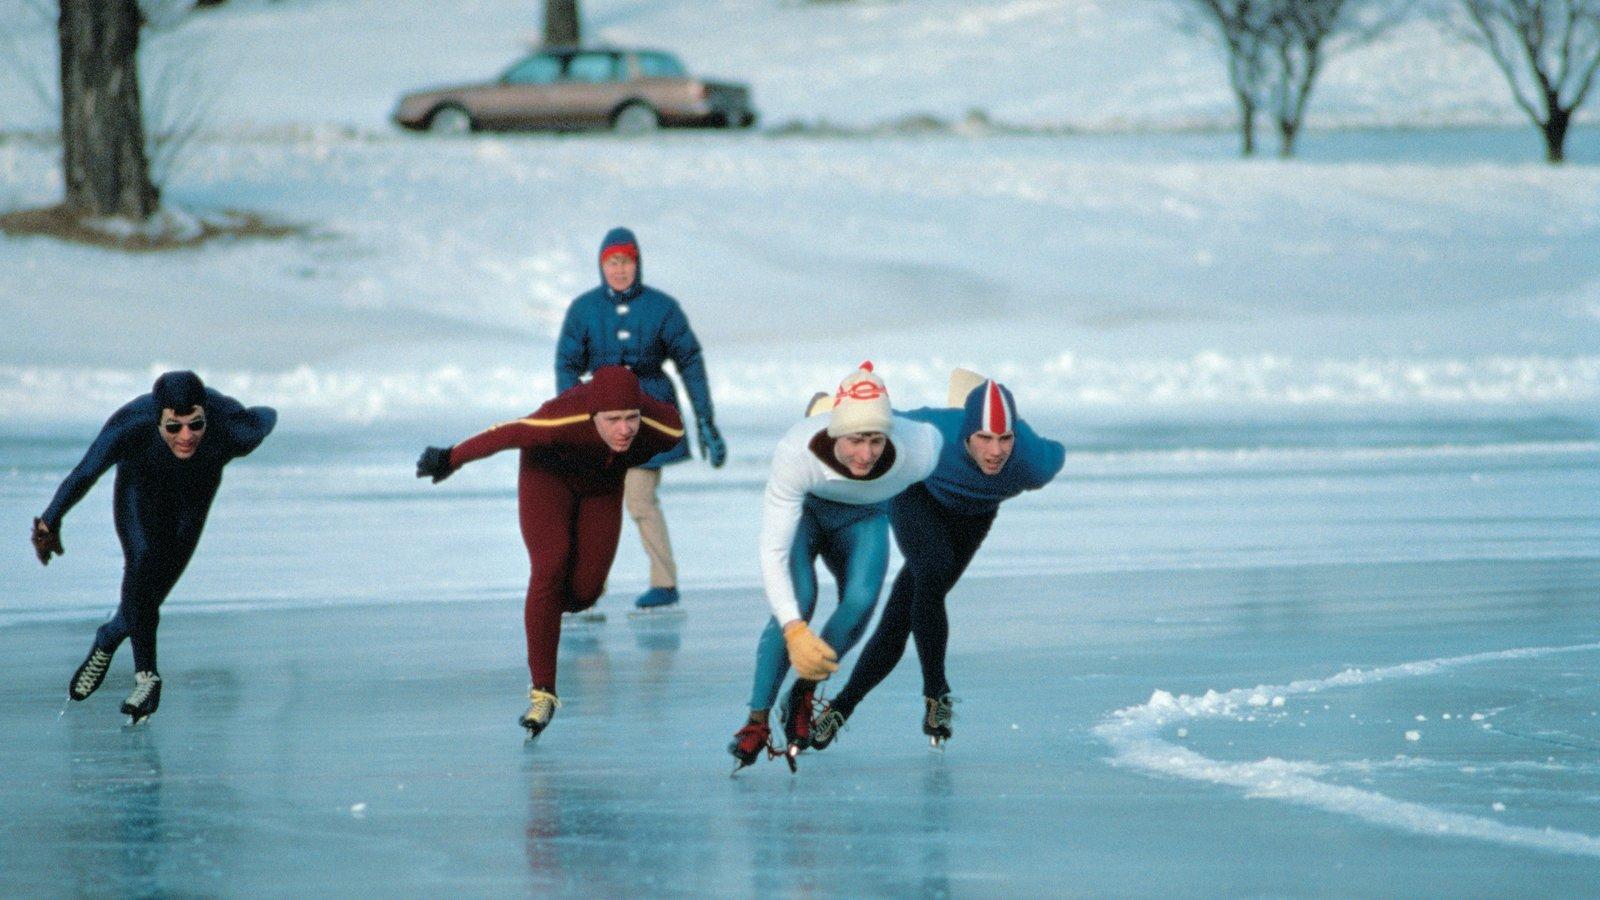 Minneapolis - St. Paul mostrando neve, um evento desportivo e patinação no gelo